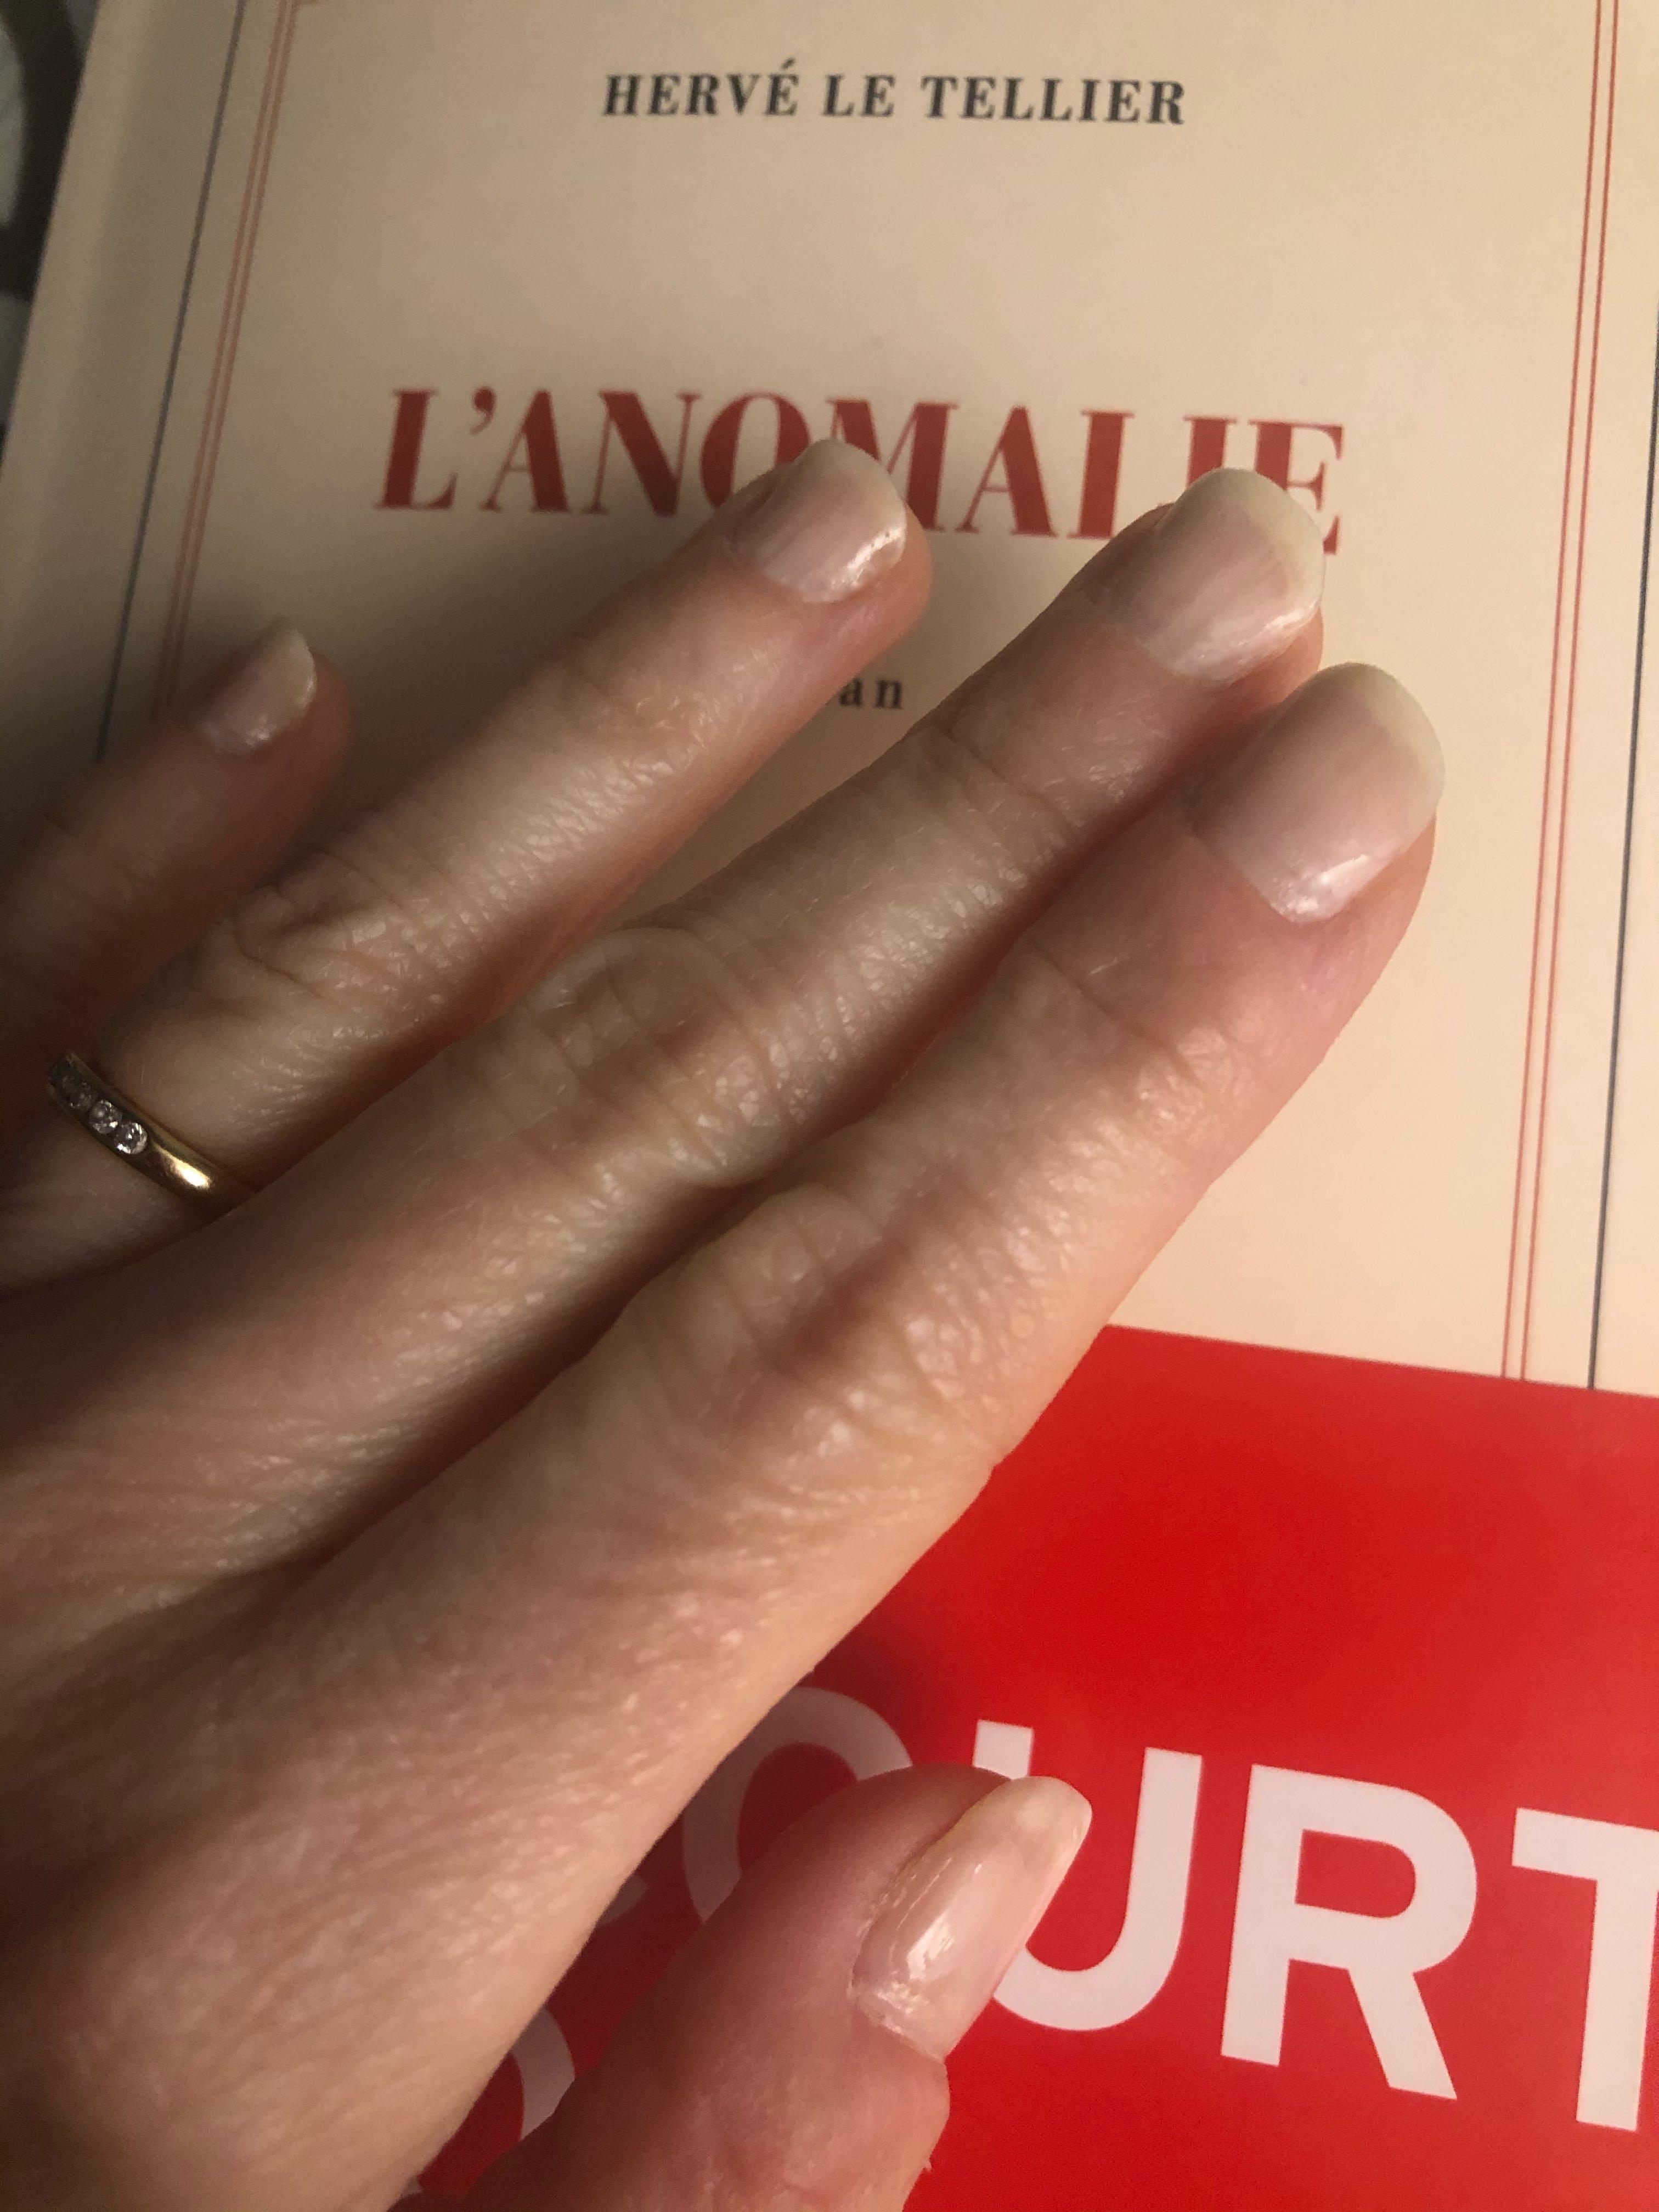 [Lecture] L'anomalie, Hervé Le Tellier (prix Goncourt)